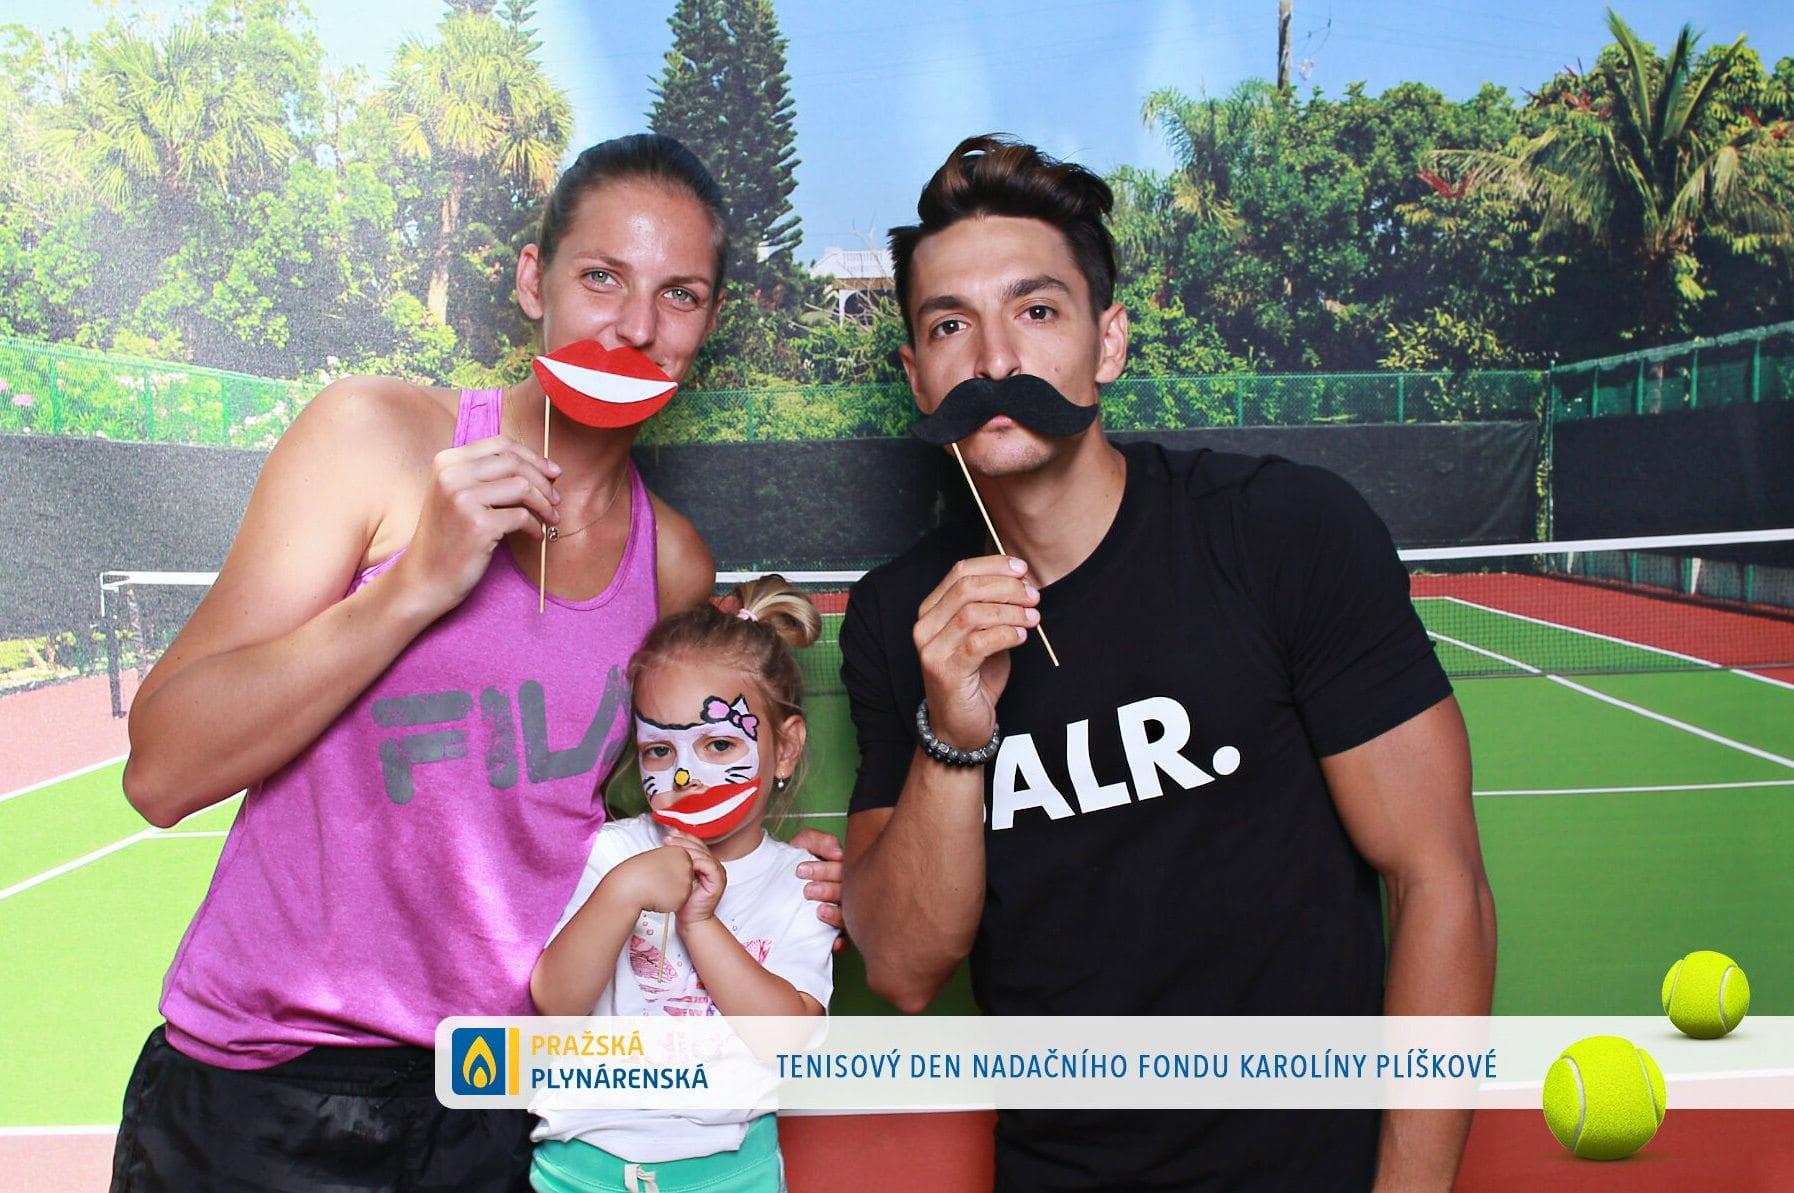 fotokoutek-prazska-plynarenska-tenisovy-den-11-6-2017-265051